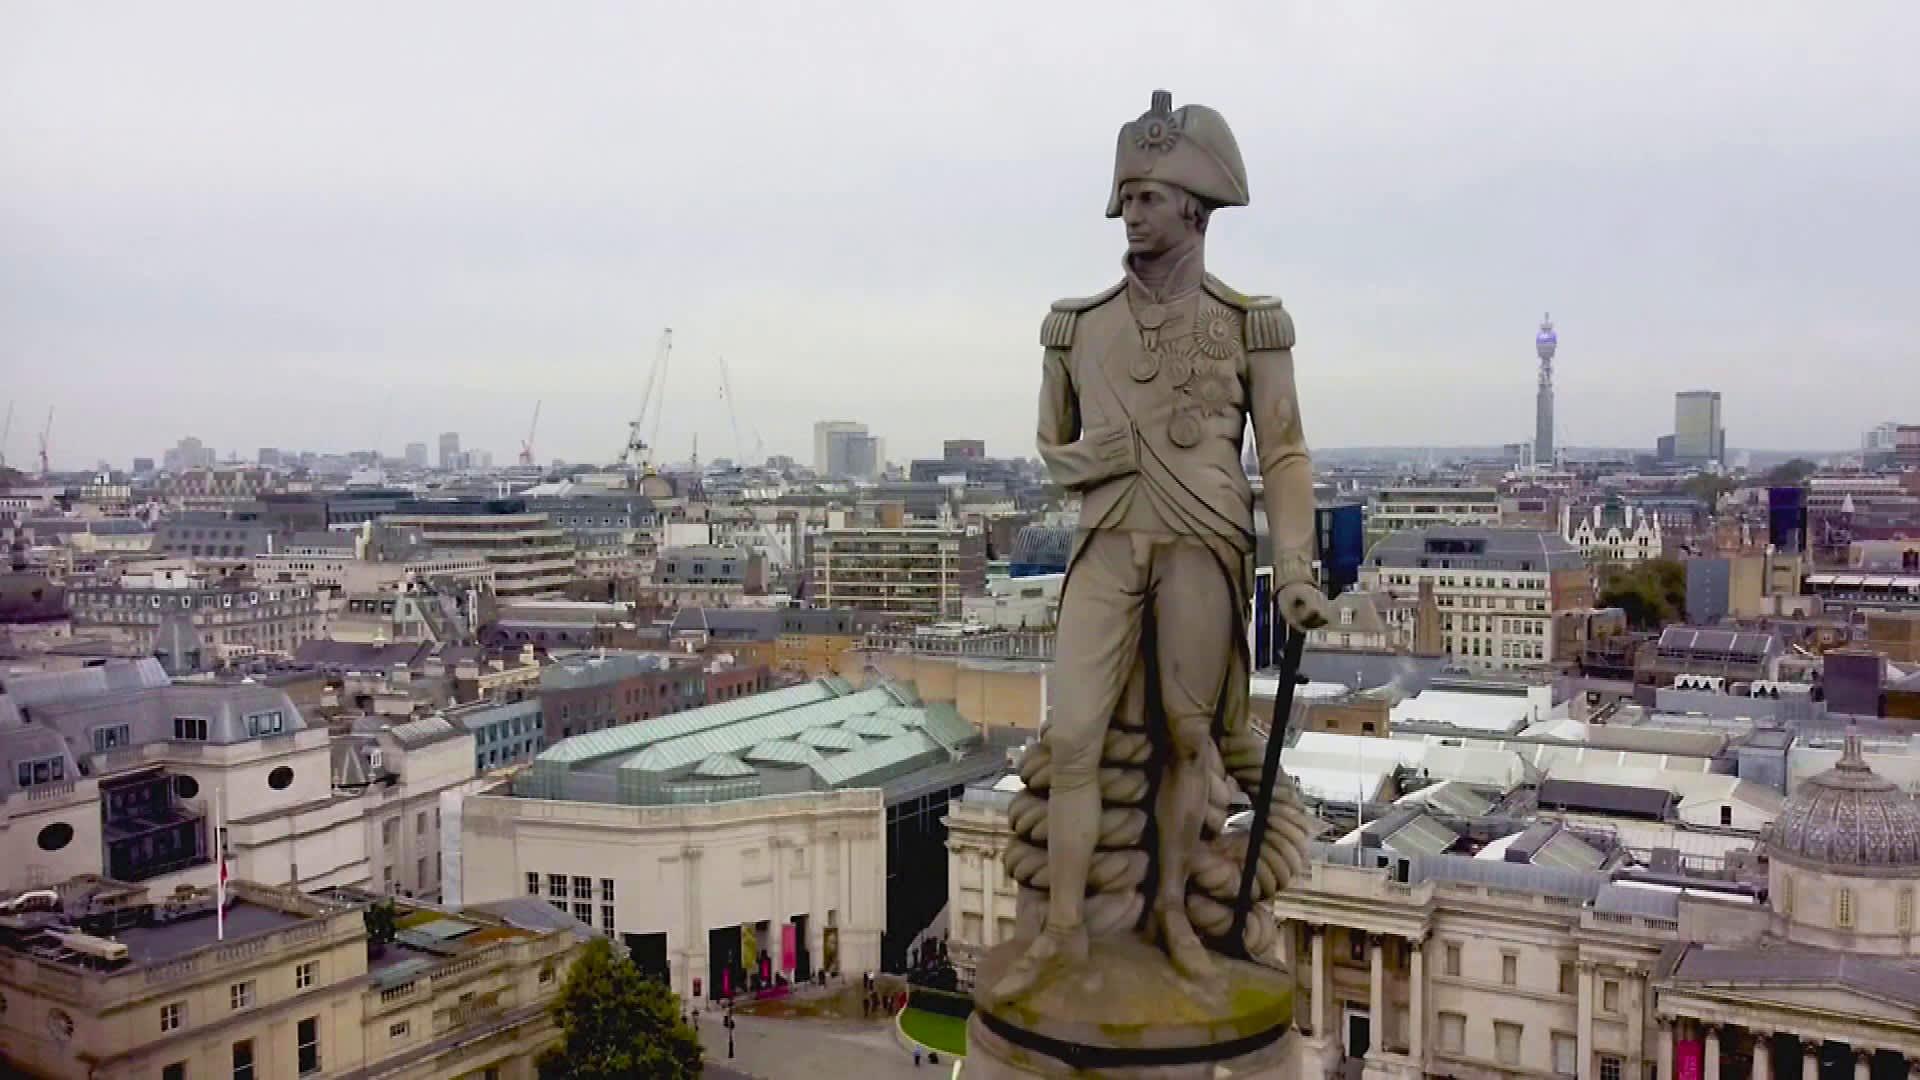 Orjuutta puolustaneen lordi Horatio Nelsonin patsas hallitsee näkymää Lontoon Trafalgar Squarella.